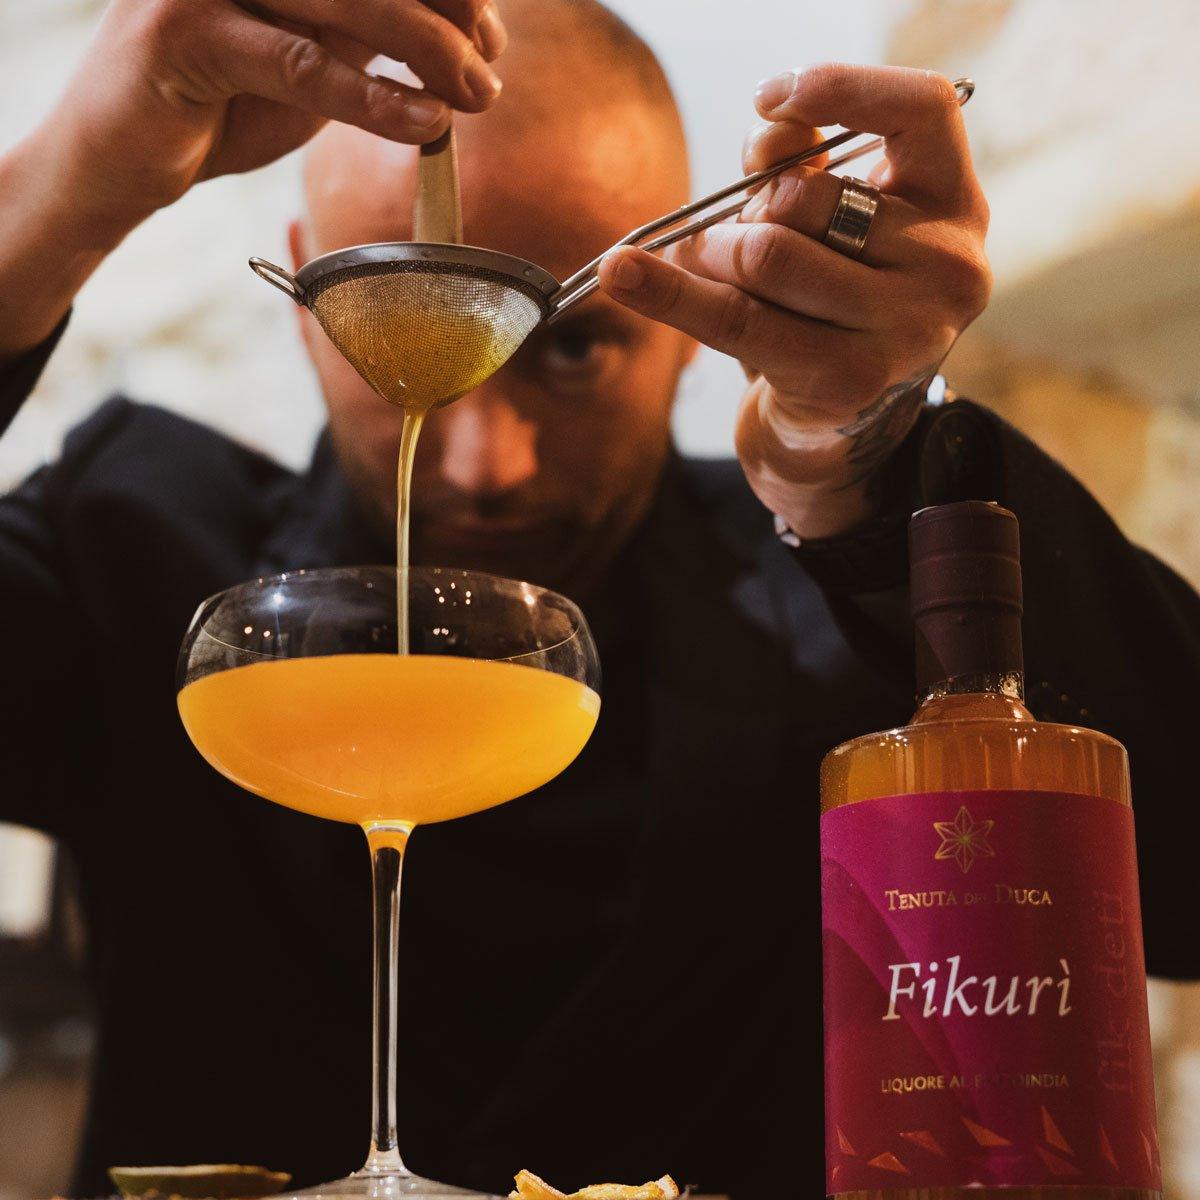 Cocktail con crema di liquore - Tenuta del Duca